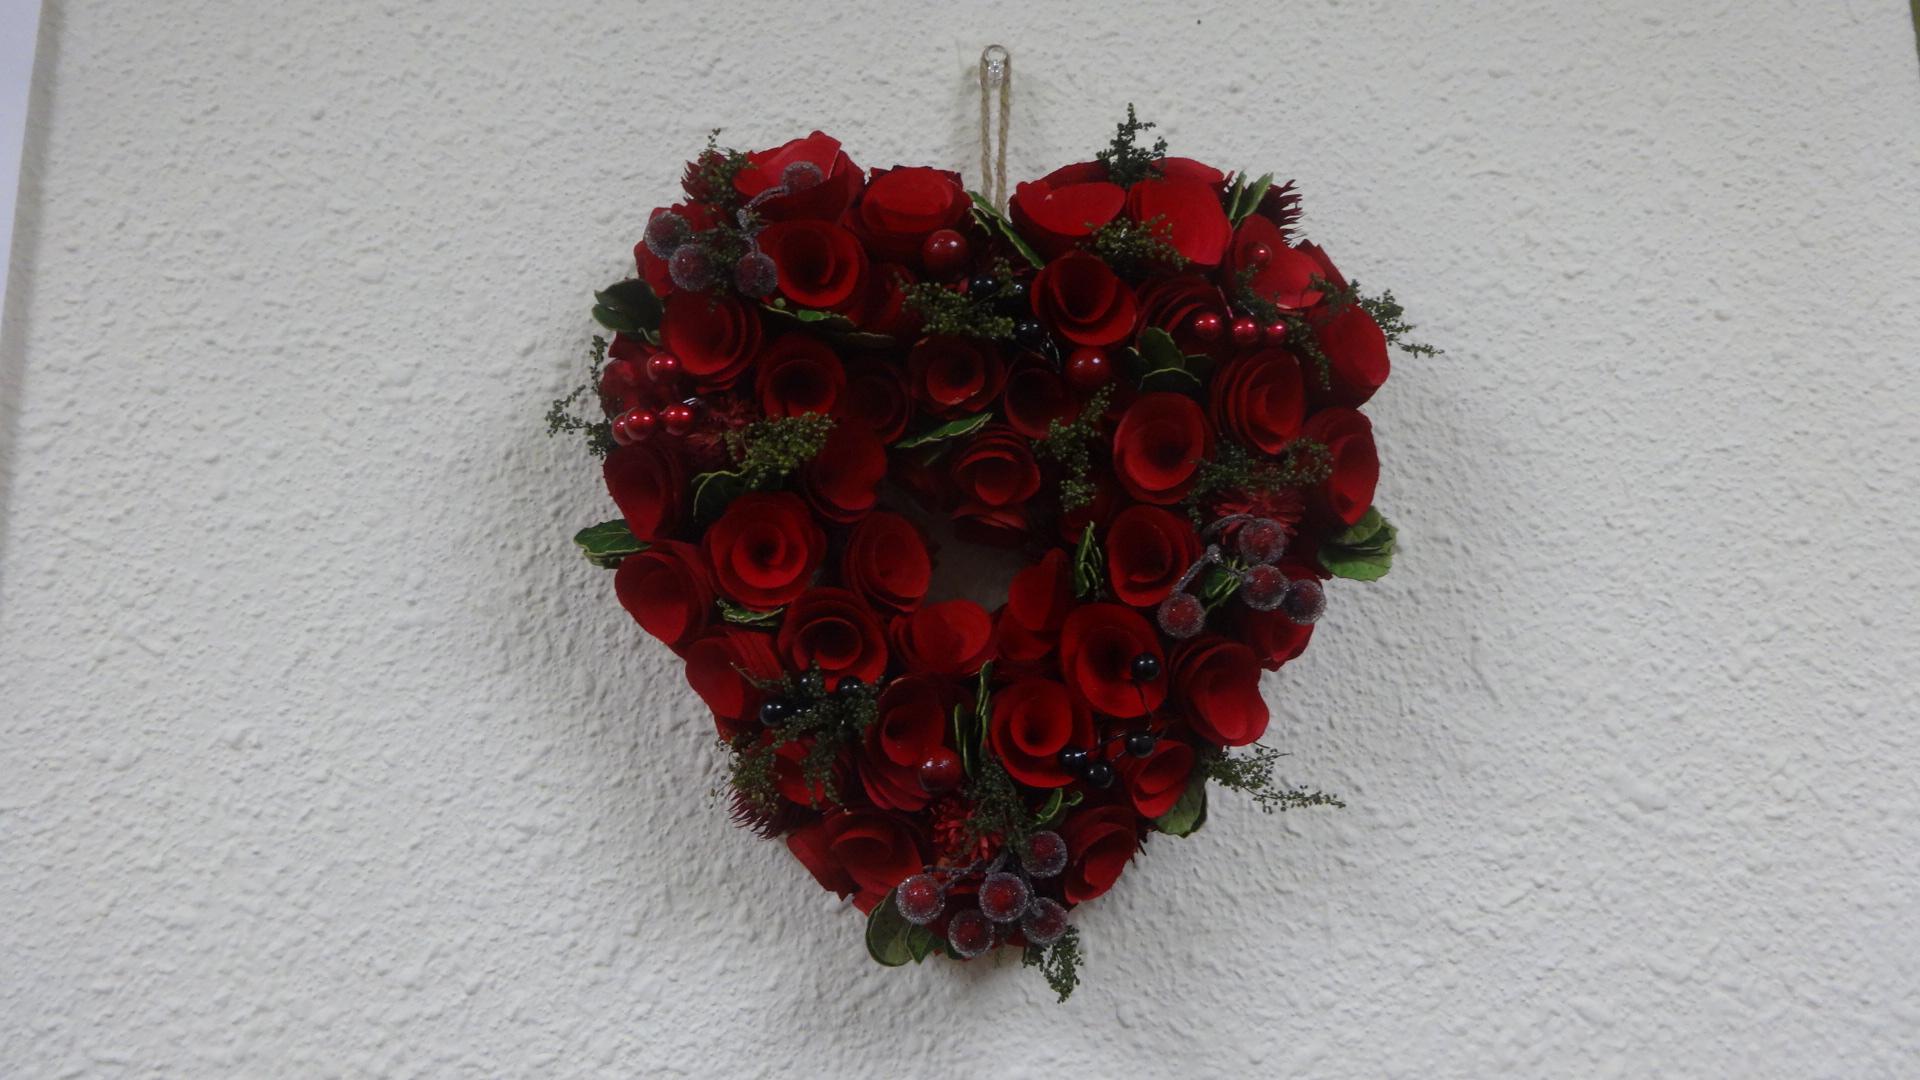 壁に飾られた赤いハート型のお花のオーナメント